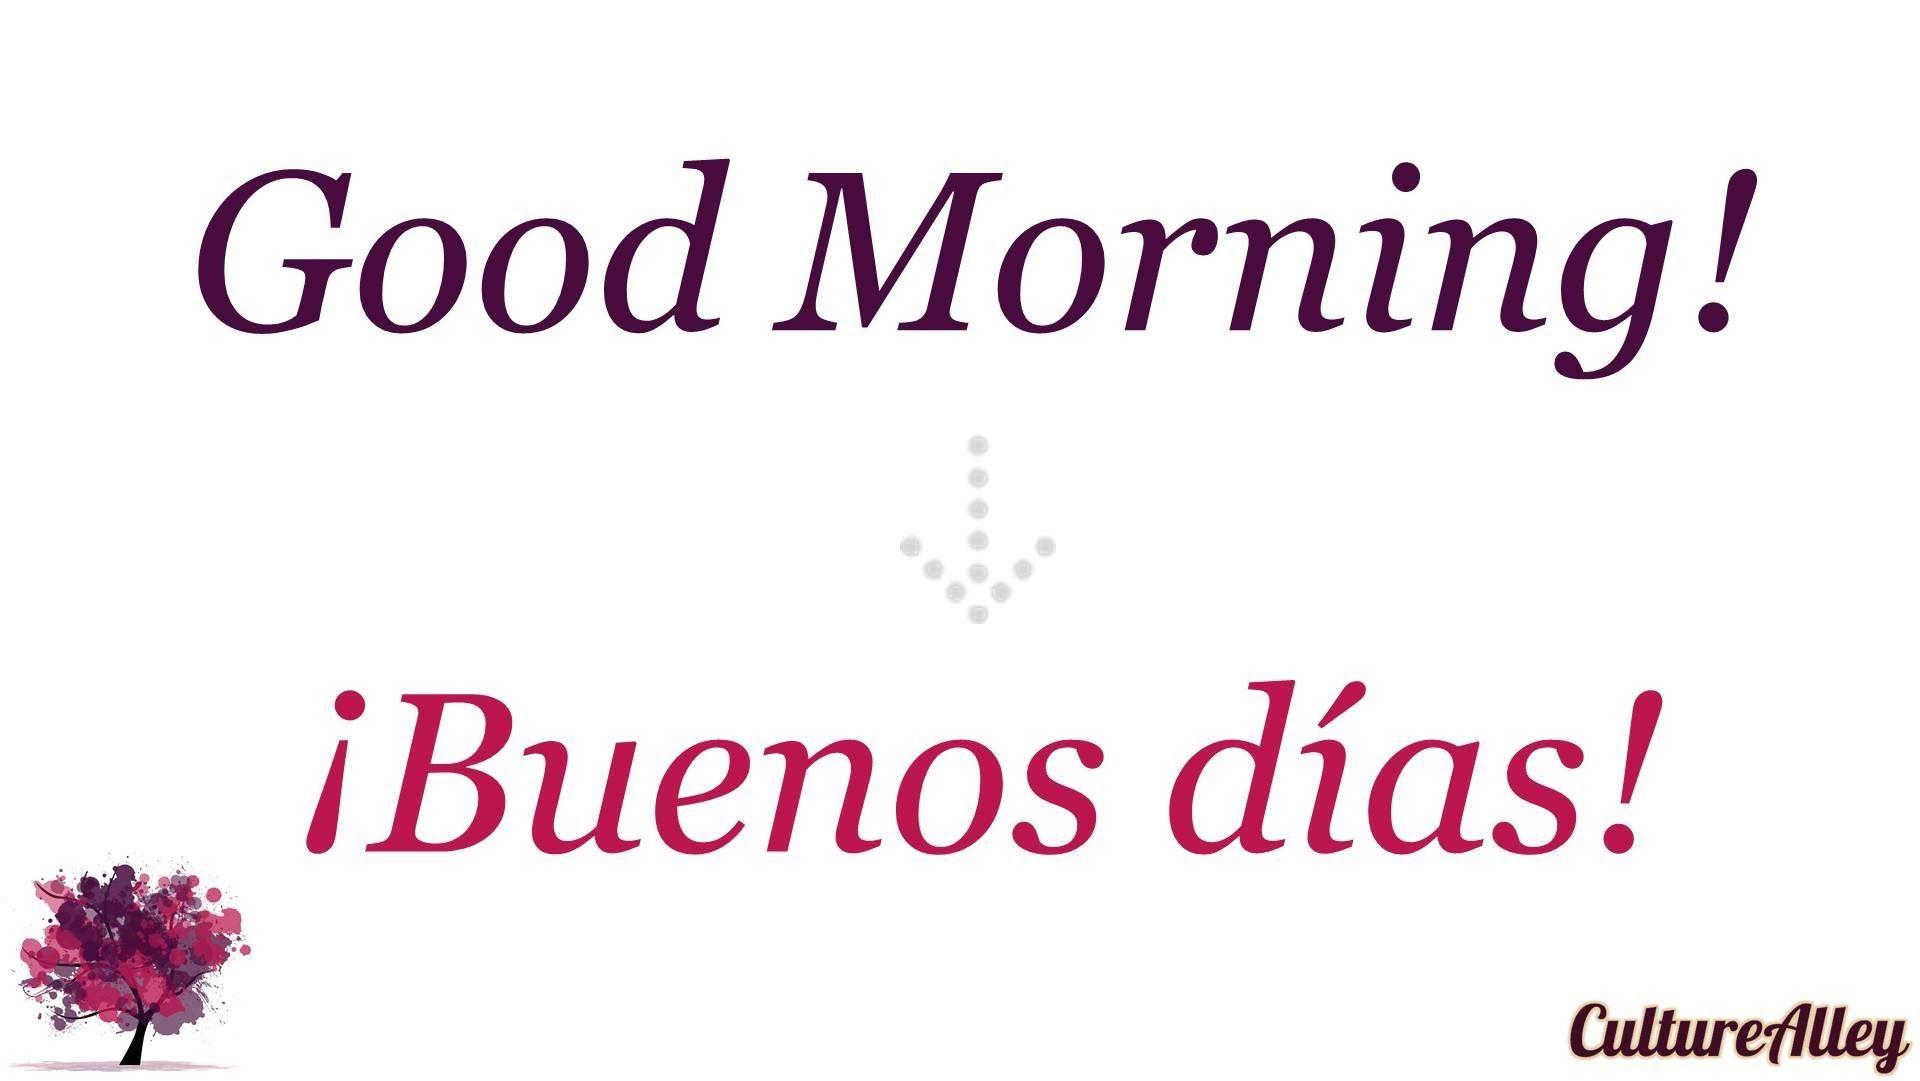 Good Morning Beautiful In Spanish Good Morning In Spanish Good Morning Beautiful Good Day In Spanish